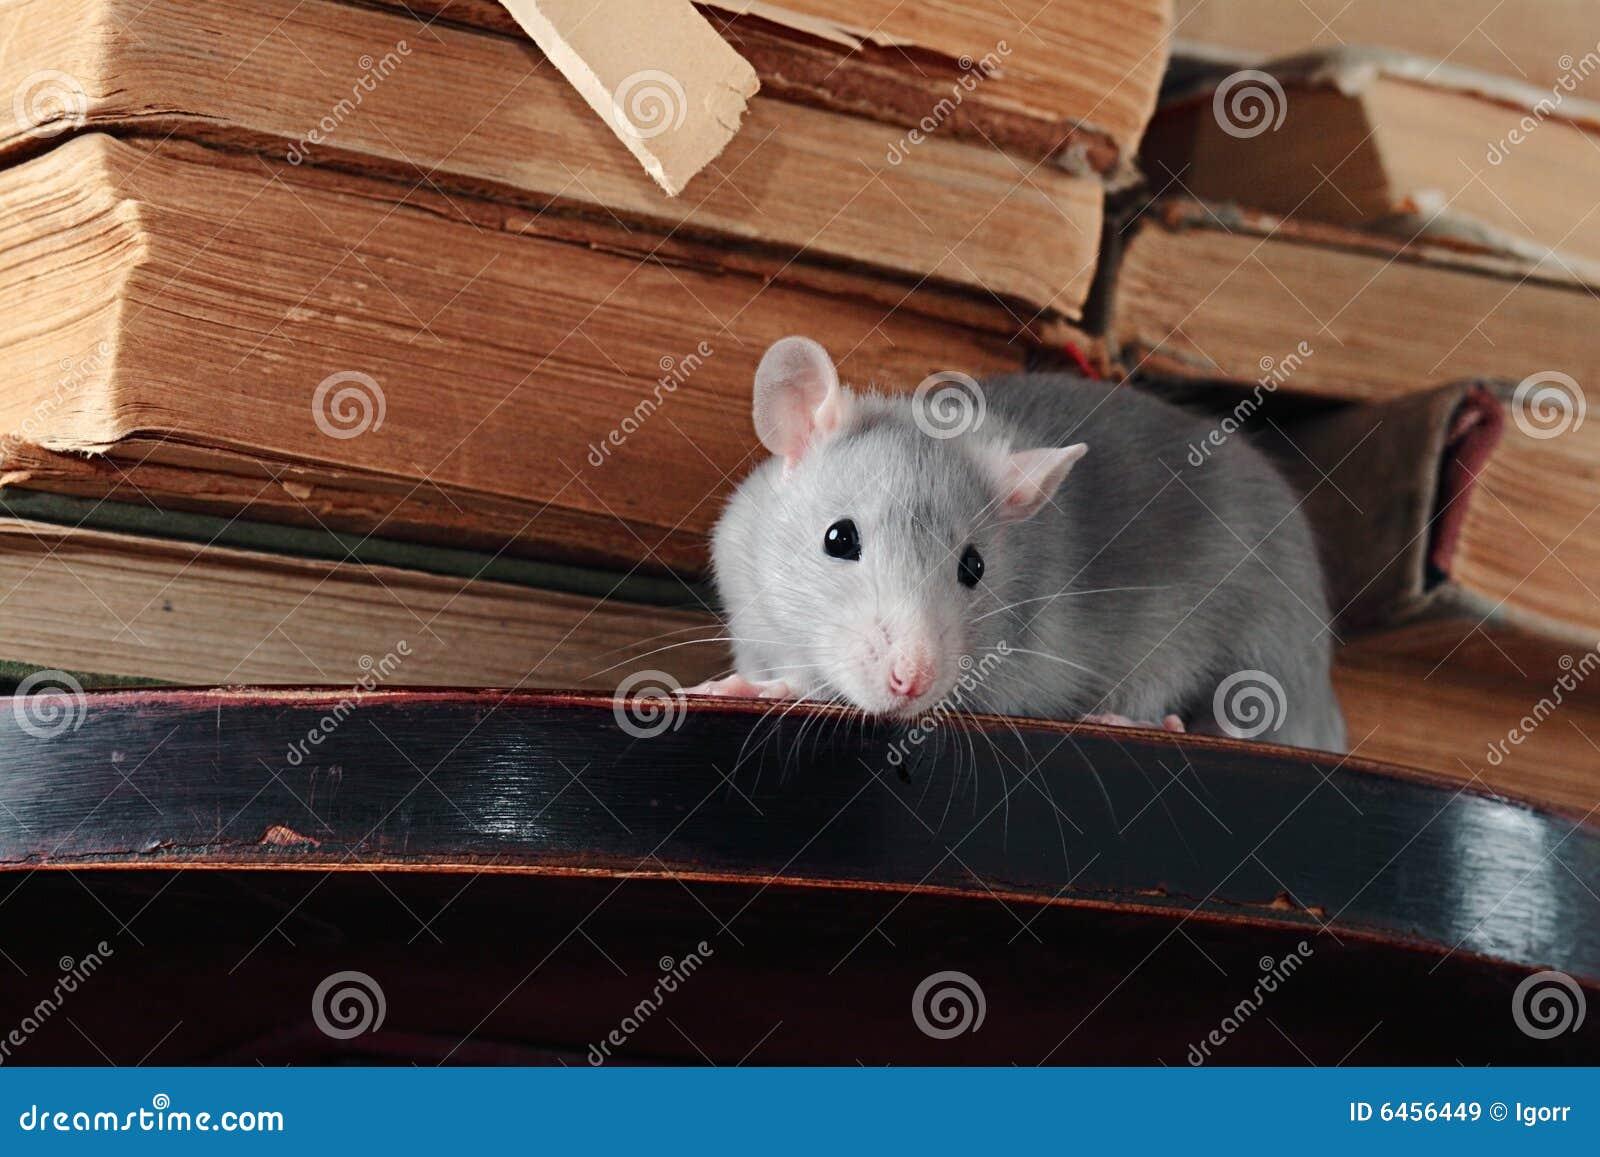 Szczur biblioteczna.